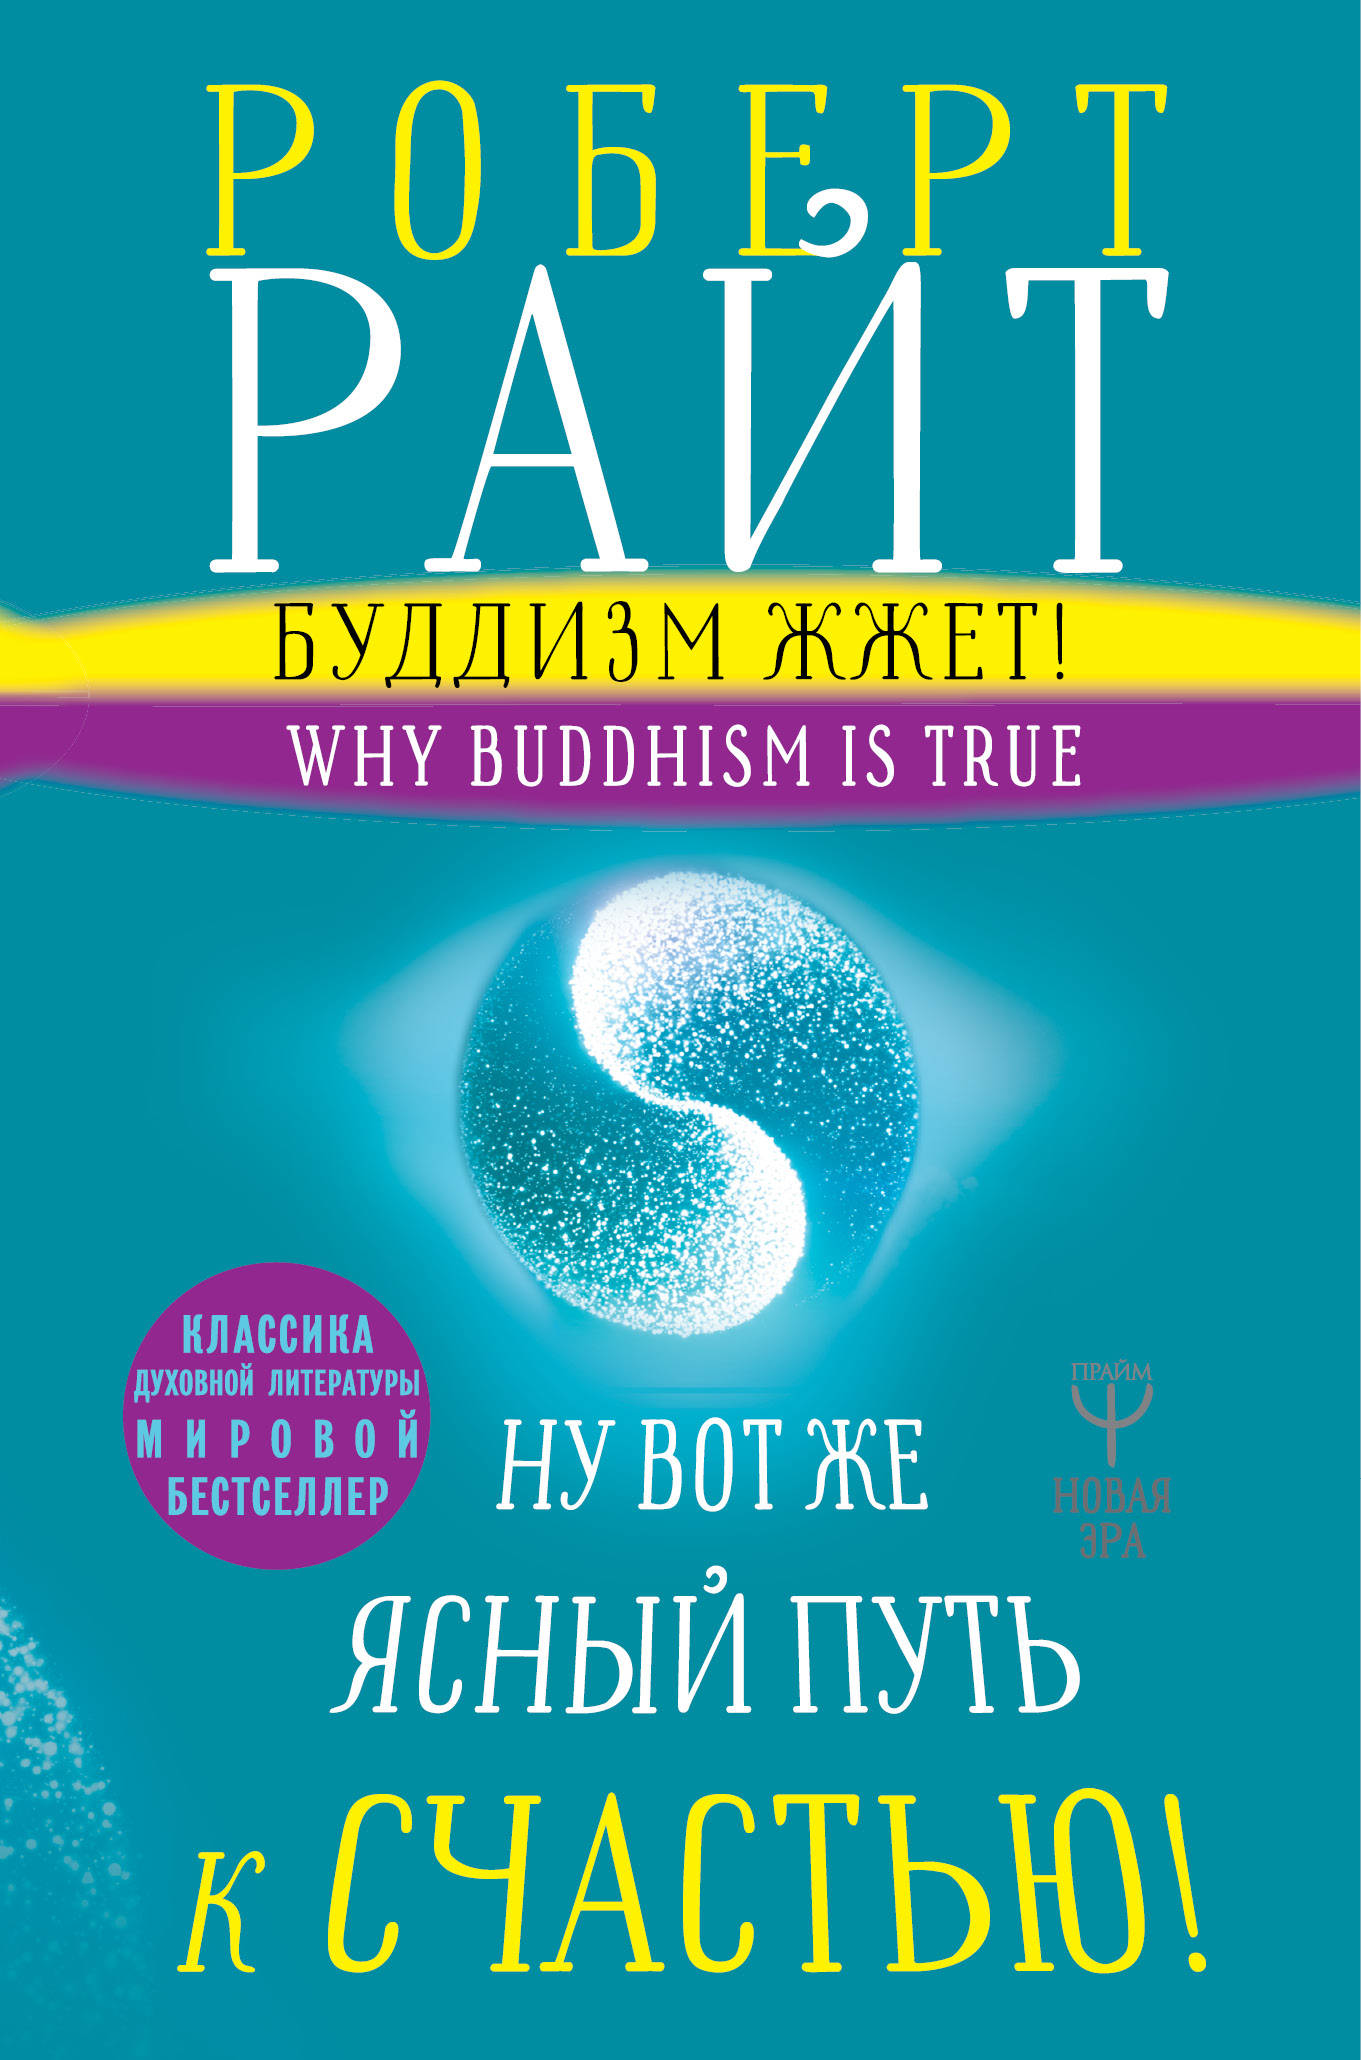 Буддизм жжет! Ну вот же ясный путь к счастью! Нейропсихология медитации и просветления